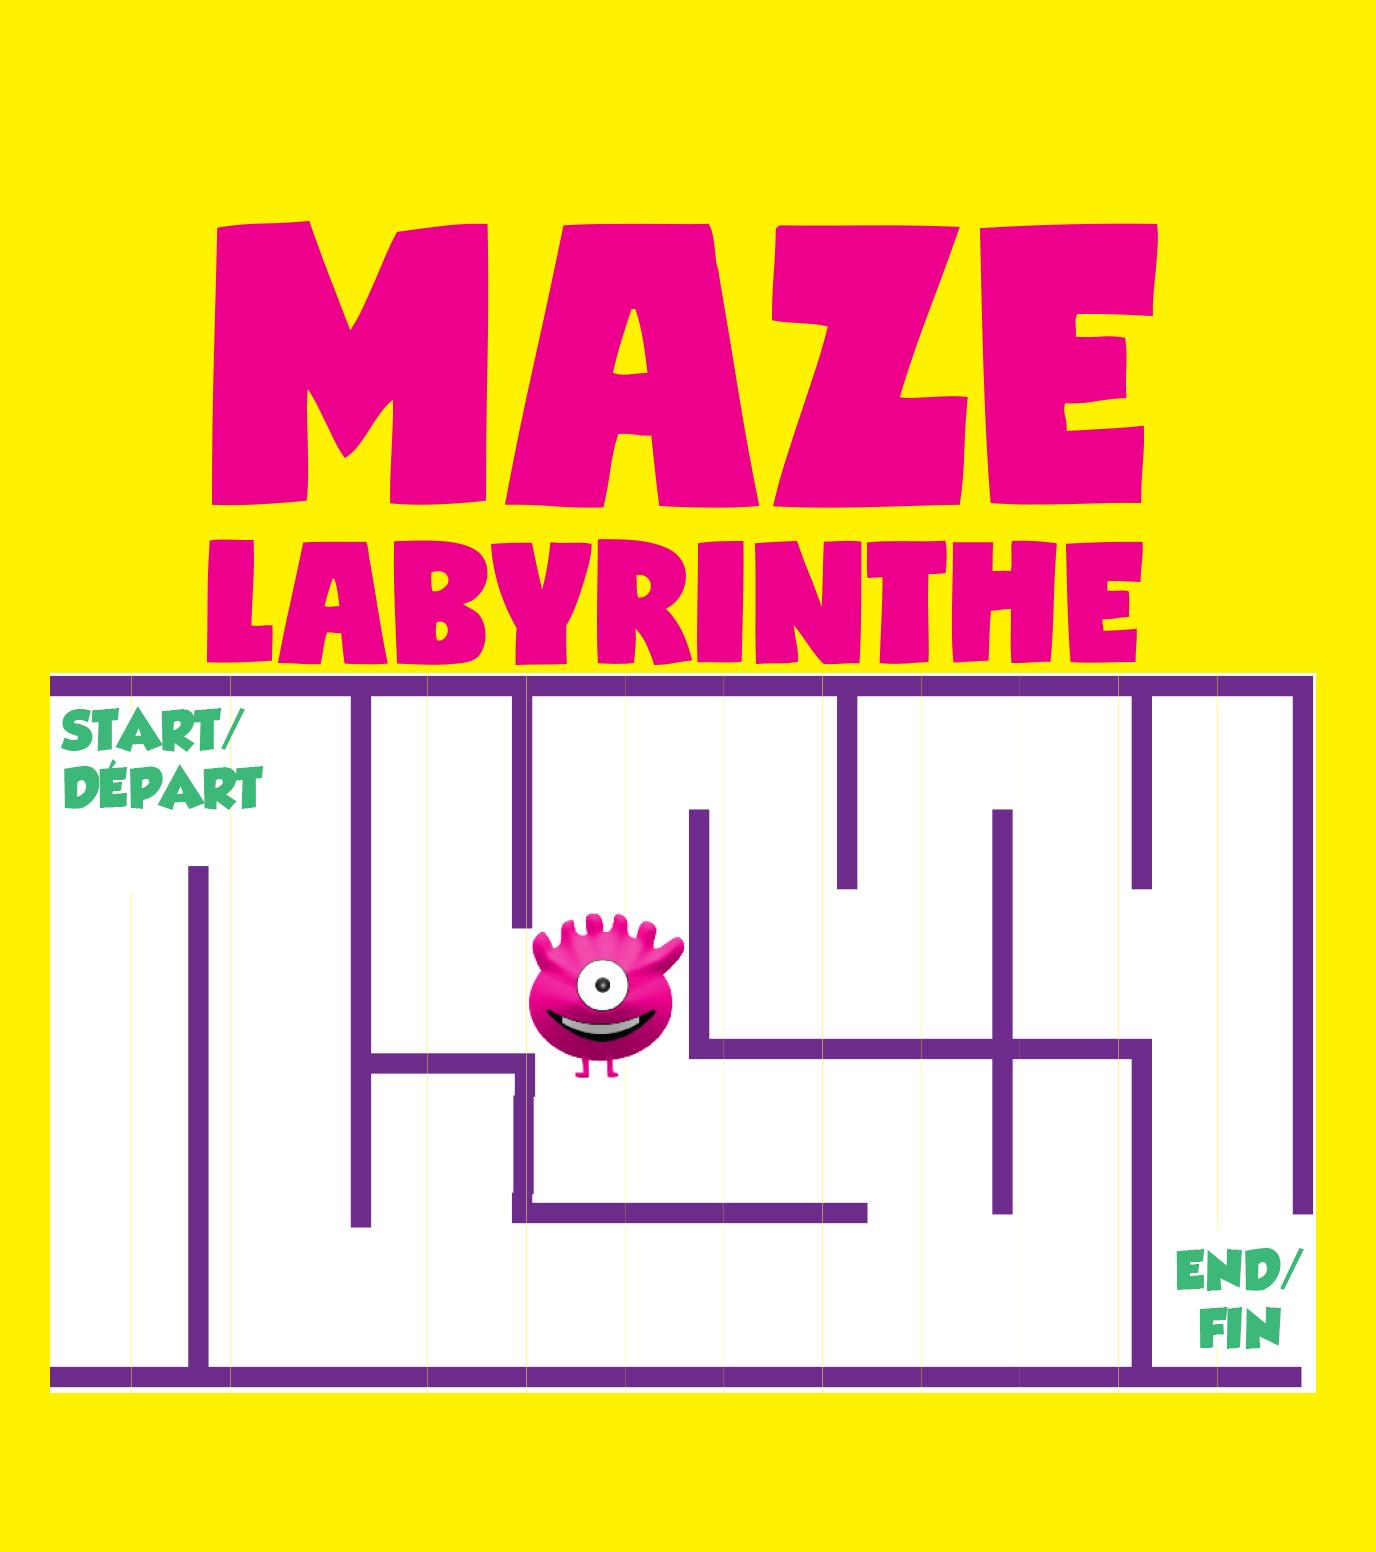 Maze-Thumbnail600x600.jpg